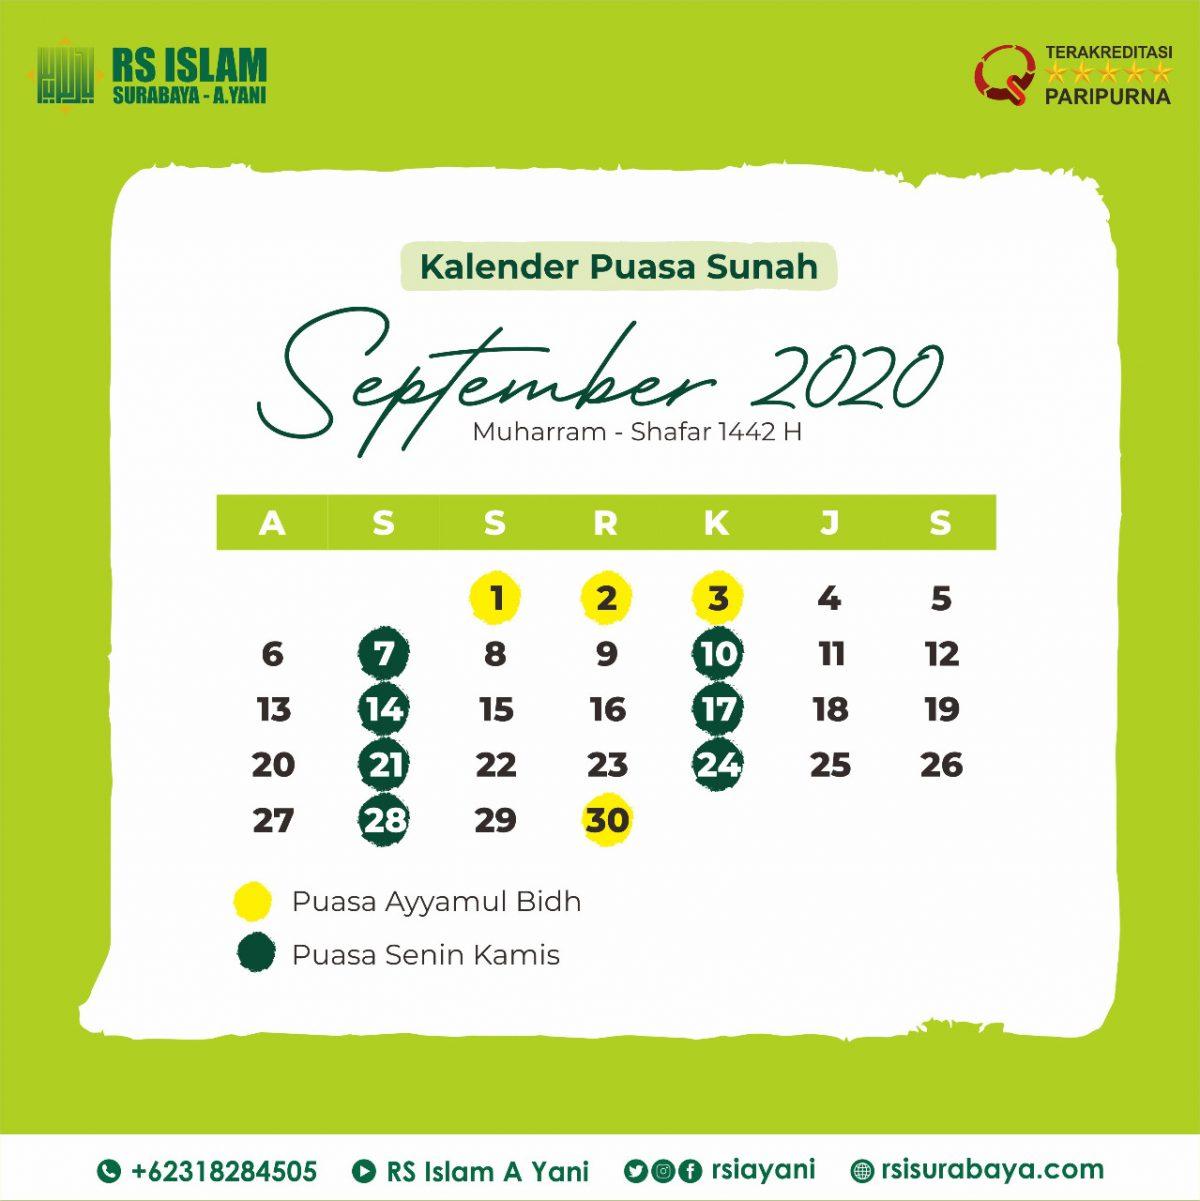 WhatsApp-Image-2020-09-04-at-08.21.50-1200x1201.jpeg